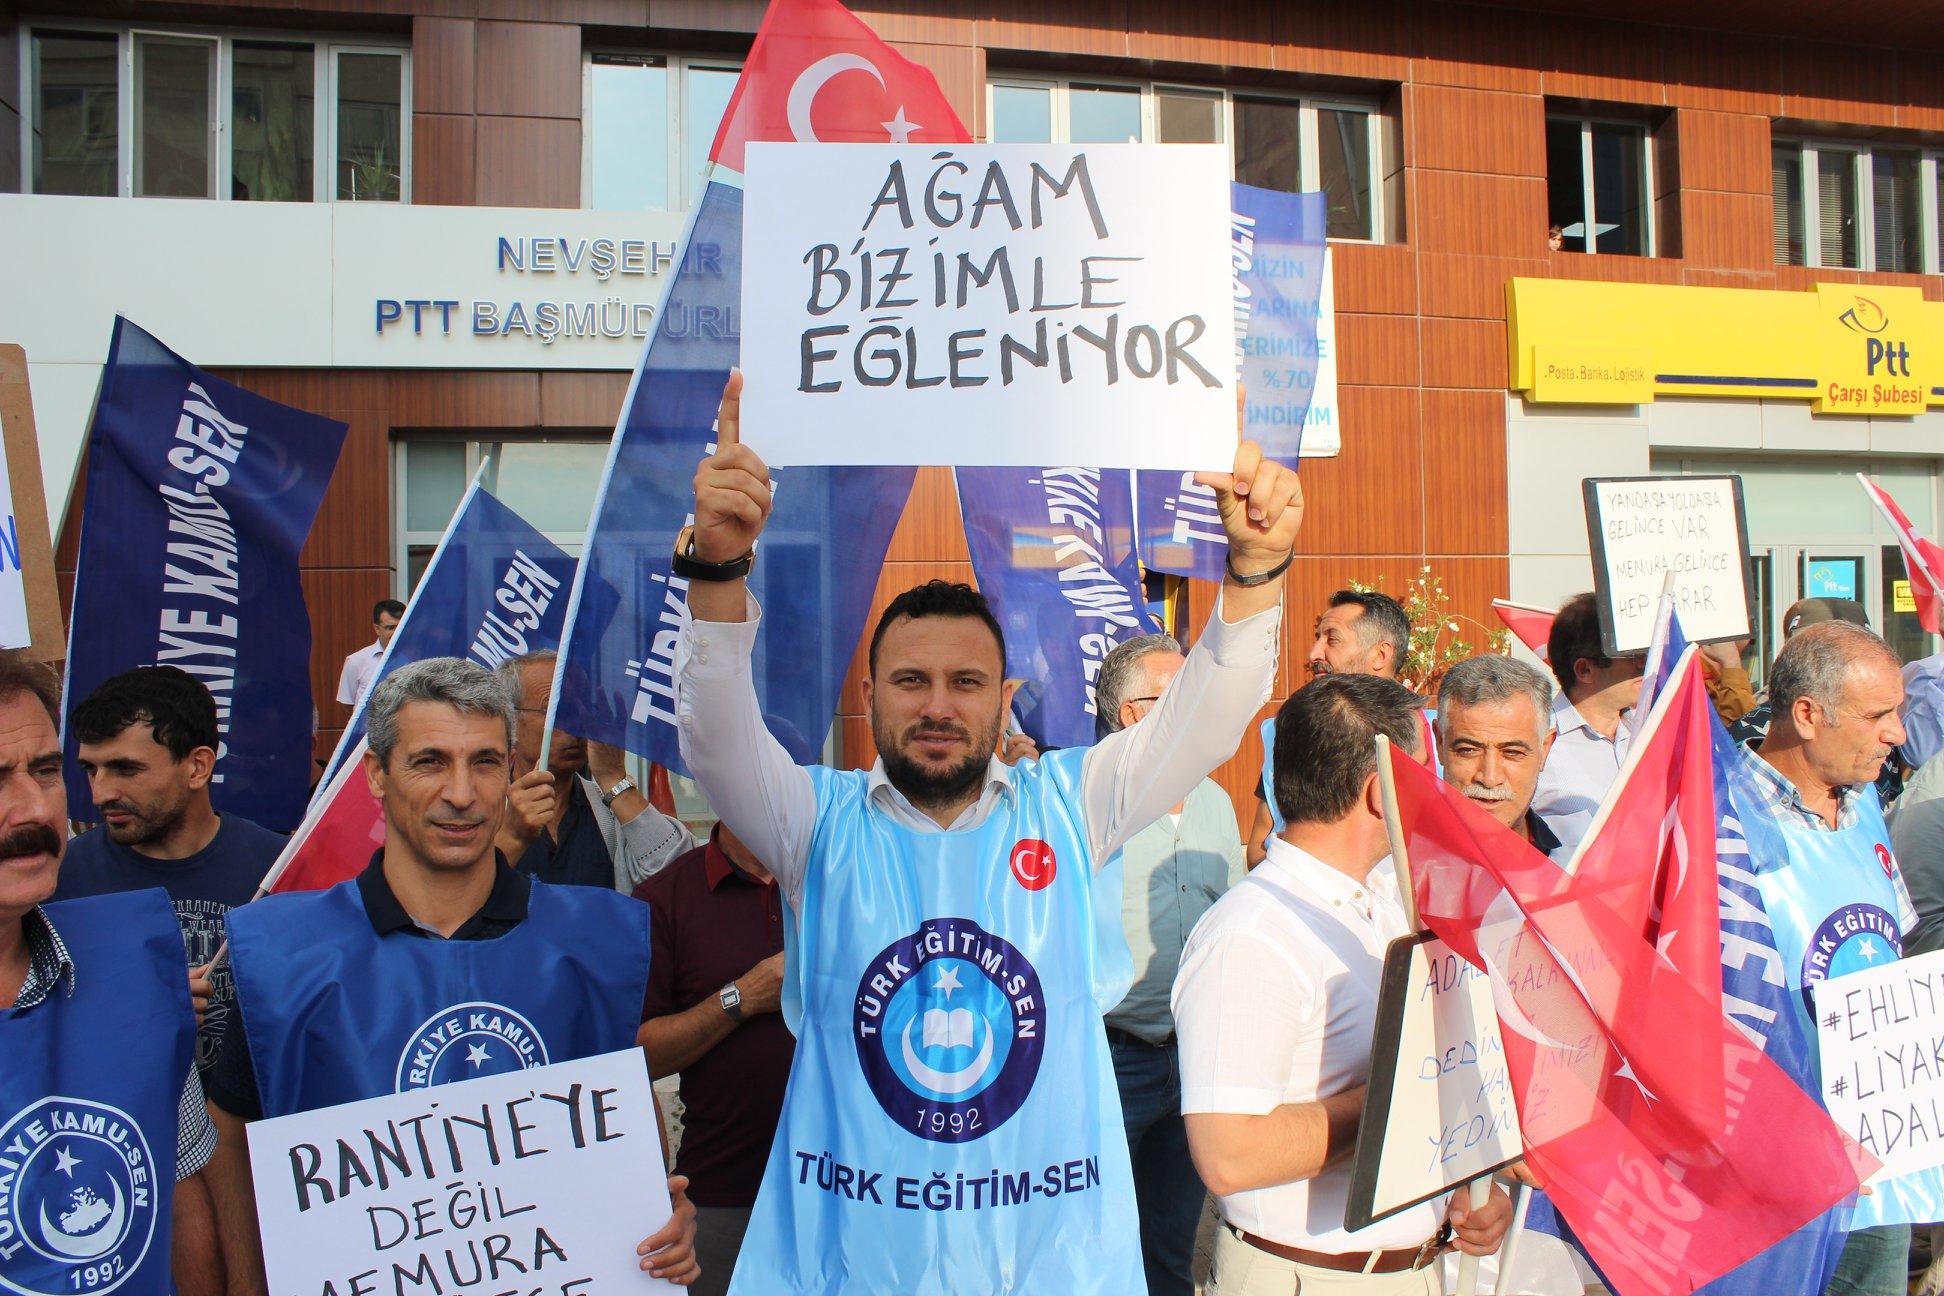 """TÜRKİYE KAMU-SEN MAAŞ ZAMMINI PROTESTO ETTİ: """"AĞAM BİZİMLE EYLENİYOR."""""""